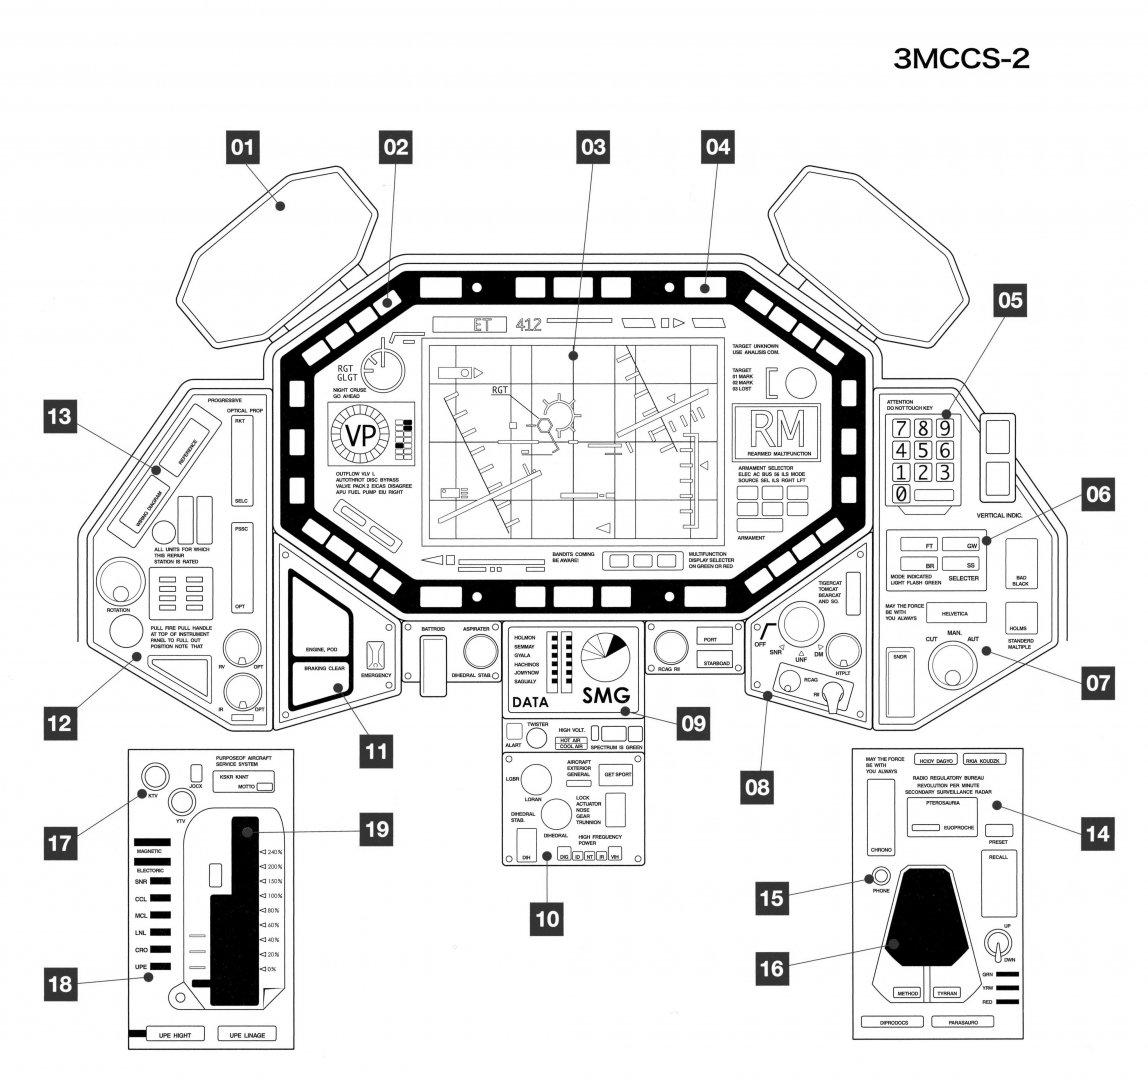 VF-1-Block-6-Valkyrie-3MCCS-2-COCKPIT.jpg